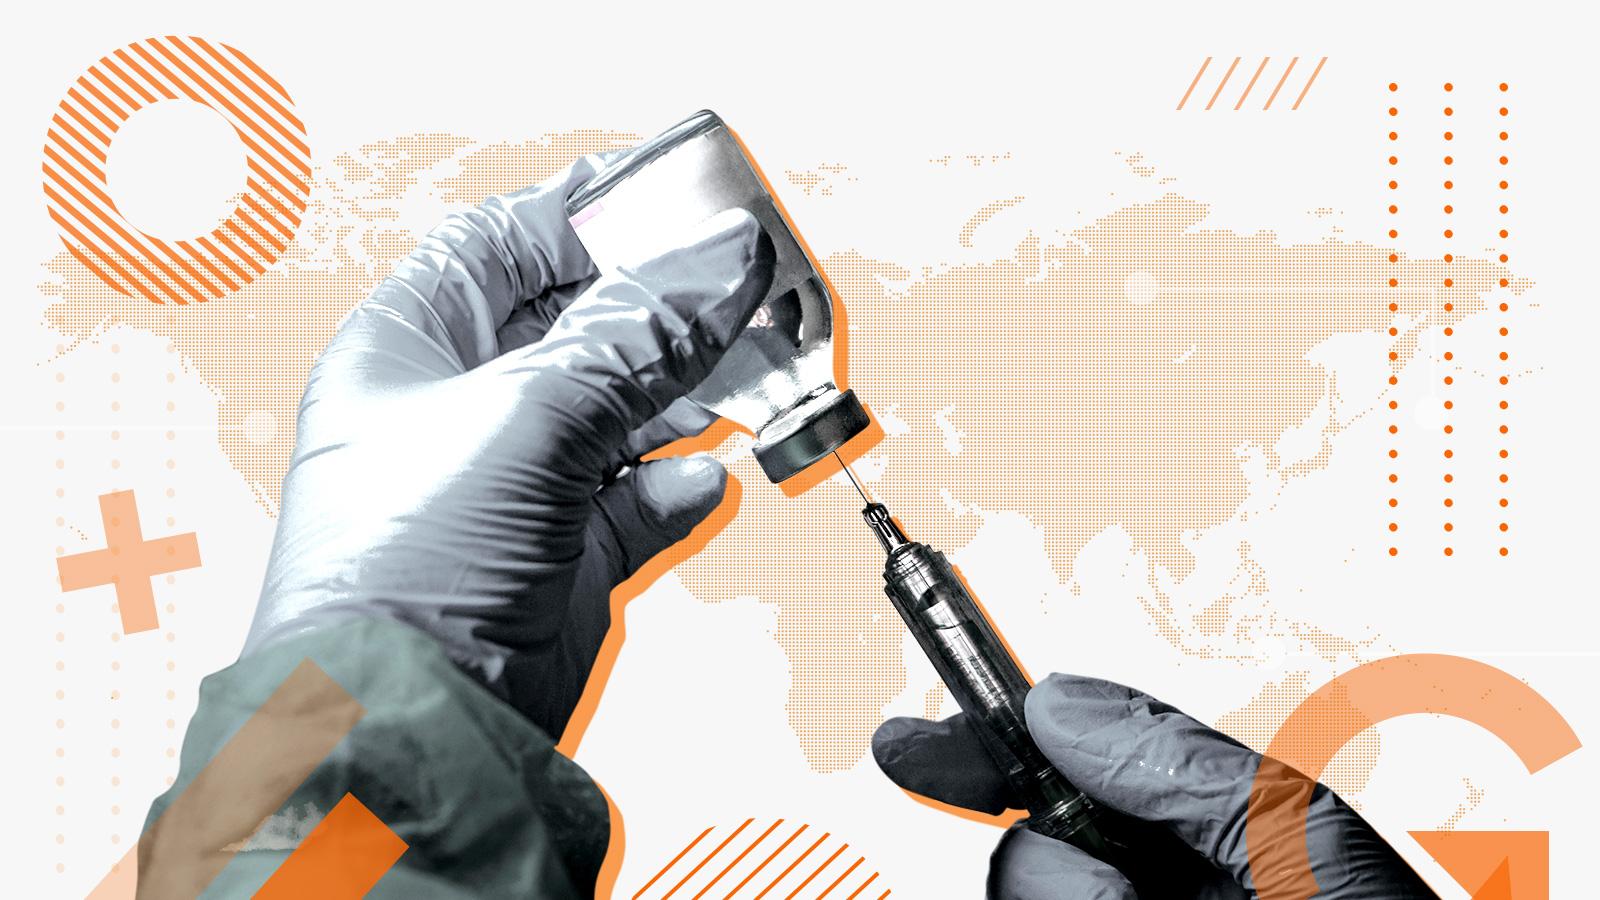 Image La vacuna contra la COVID-19 en el mundo: más de 3.500 millones de personas ya tienen al menos una dosis